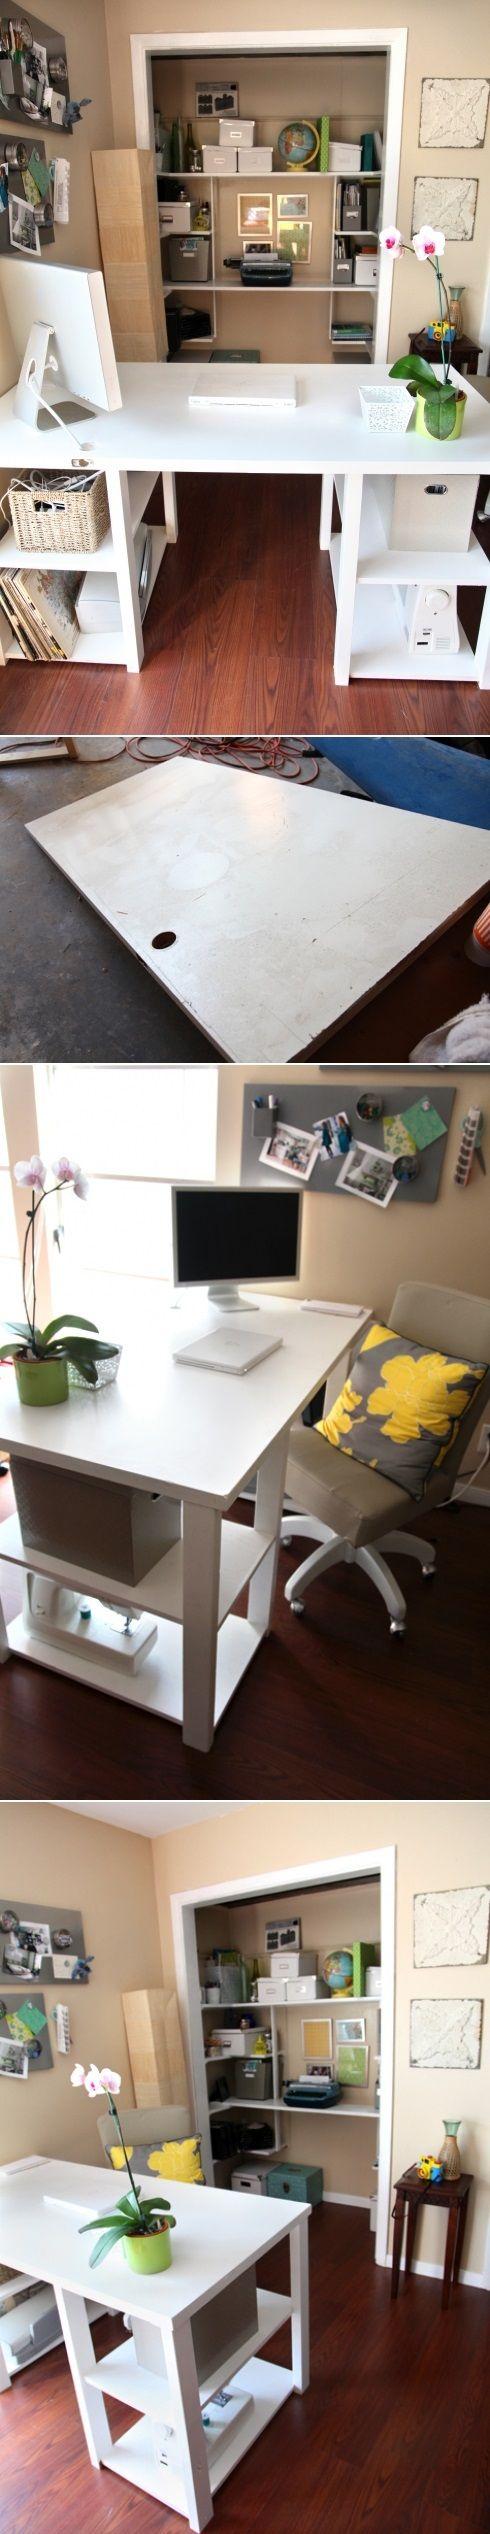 DIY Home Office Desk From An Old Door